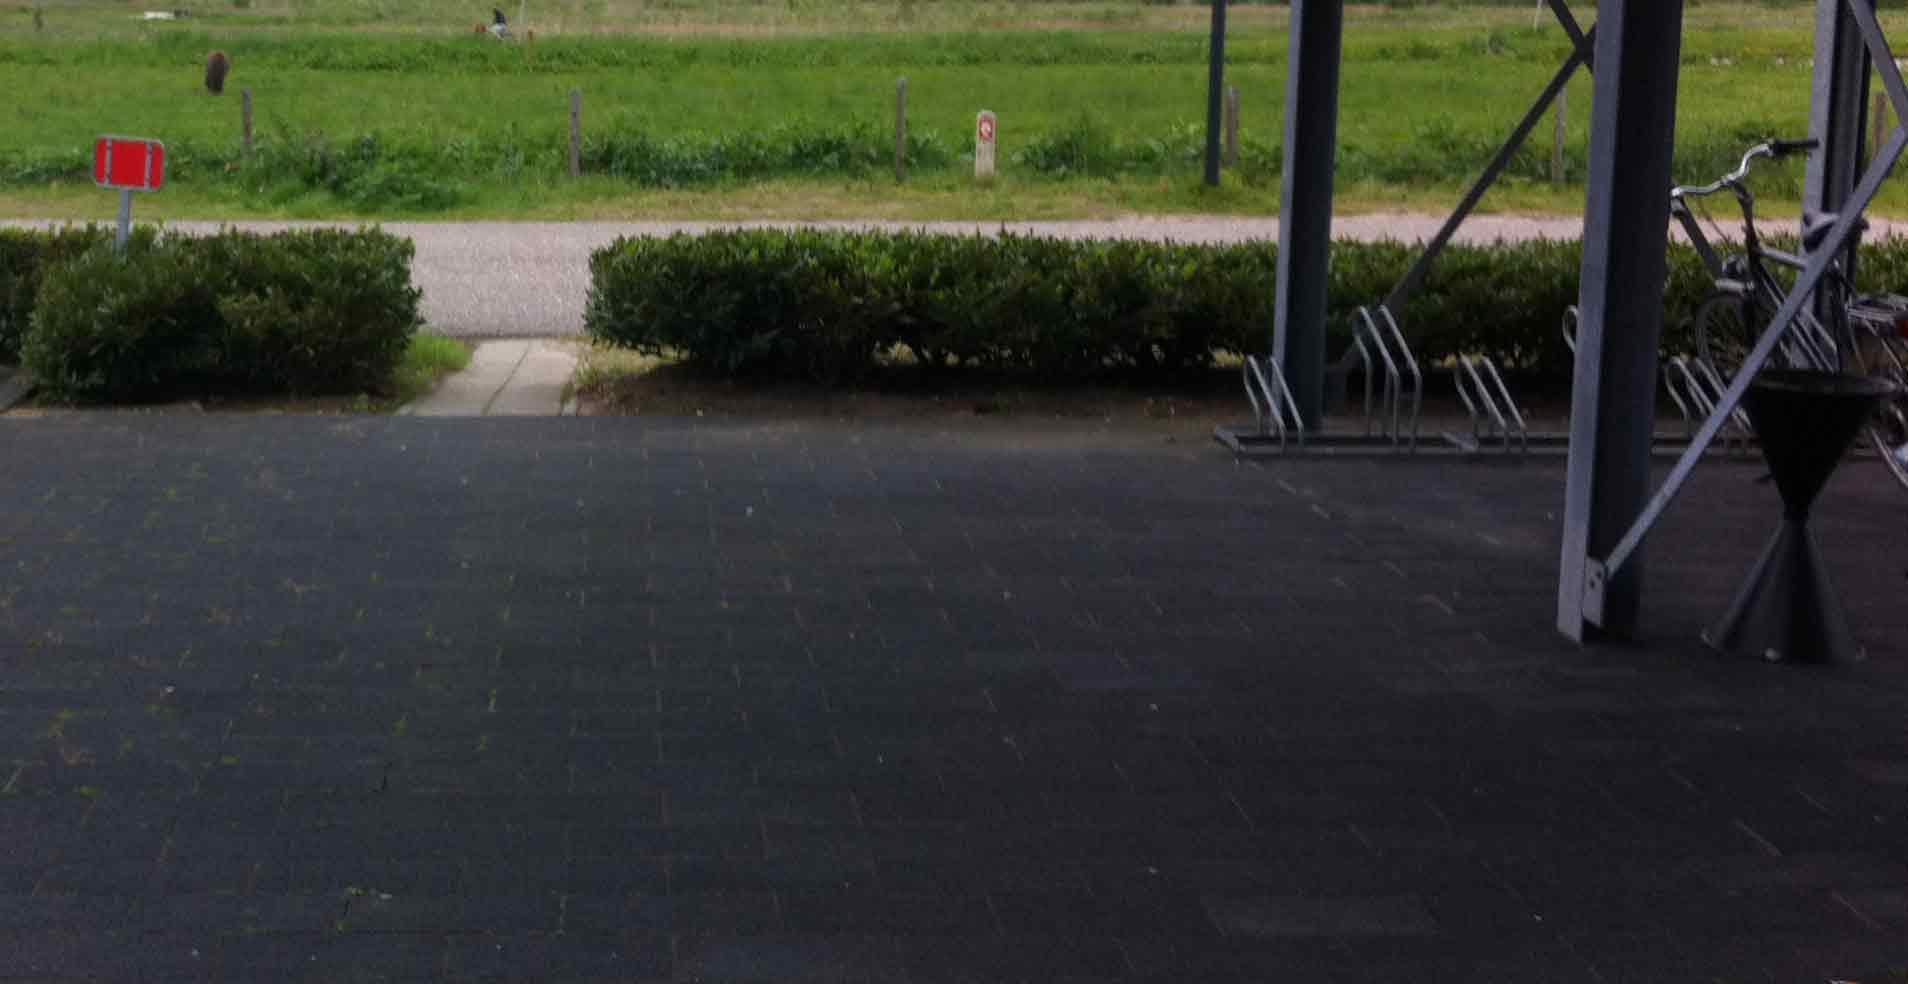 Foto: fietsdoorsteekje naar fietsenstalling